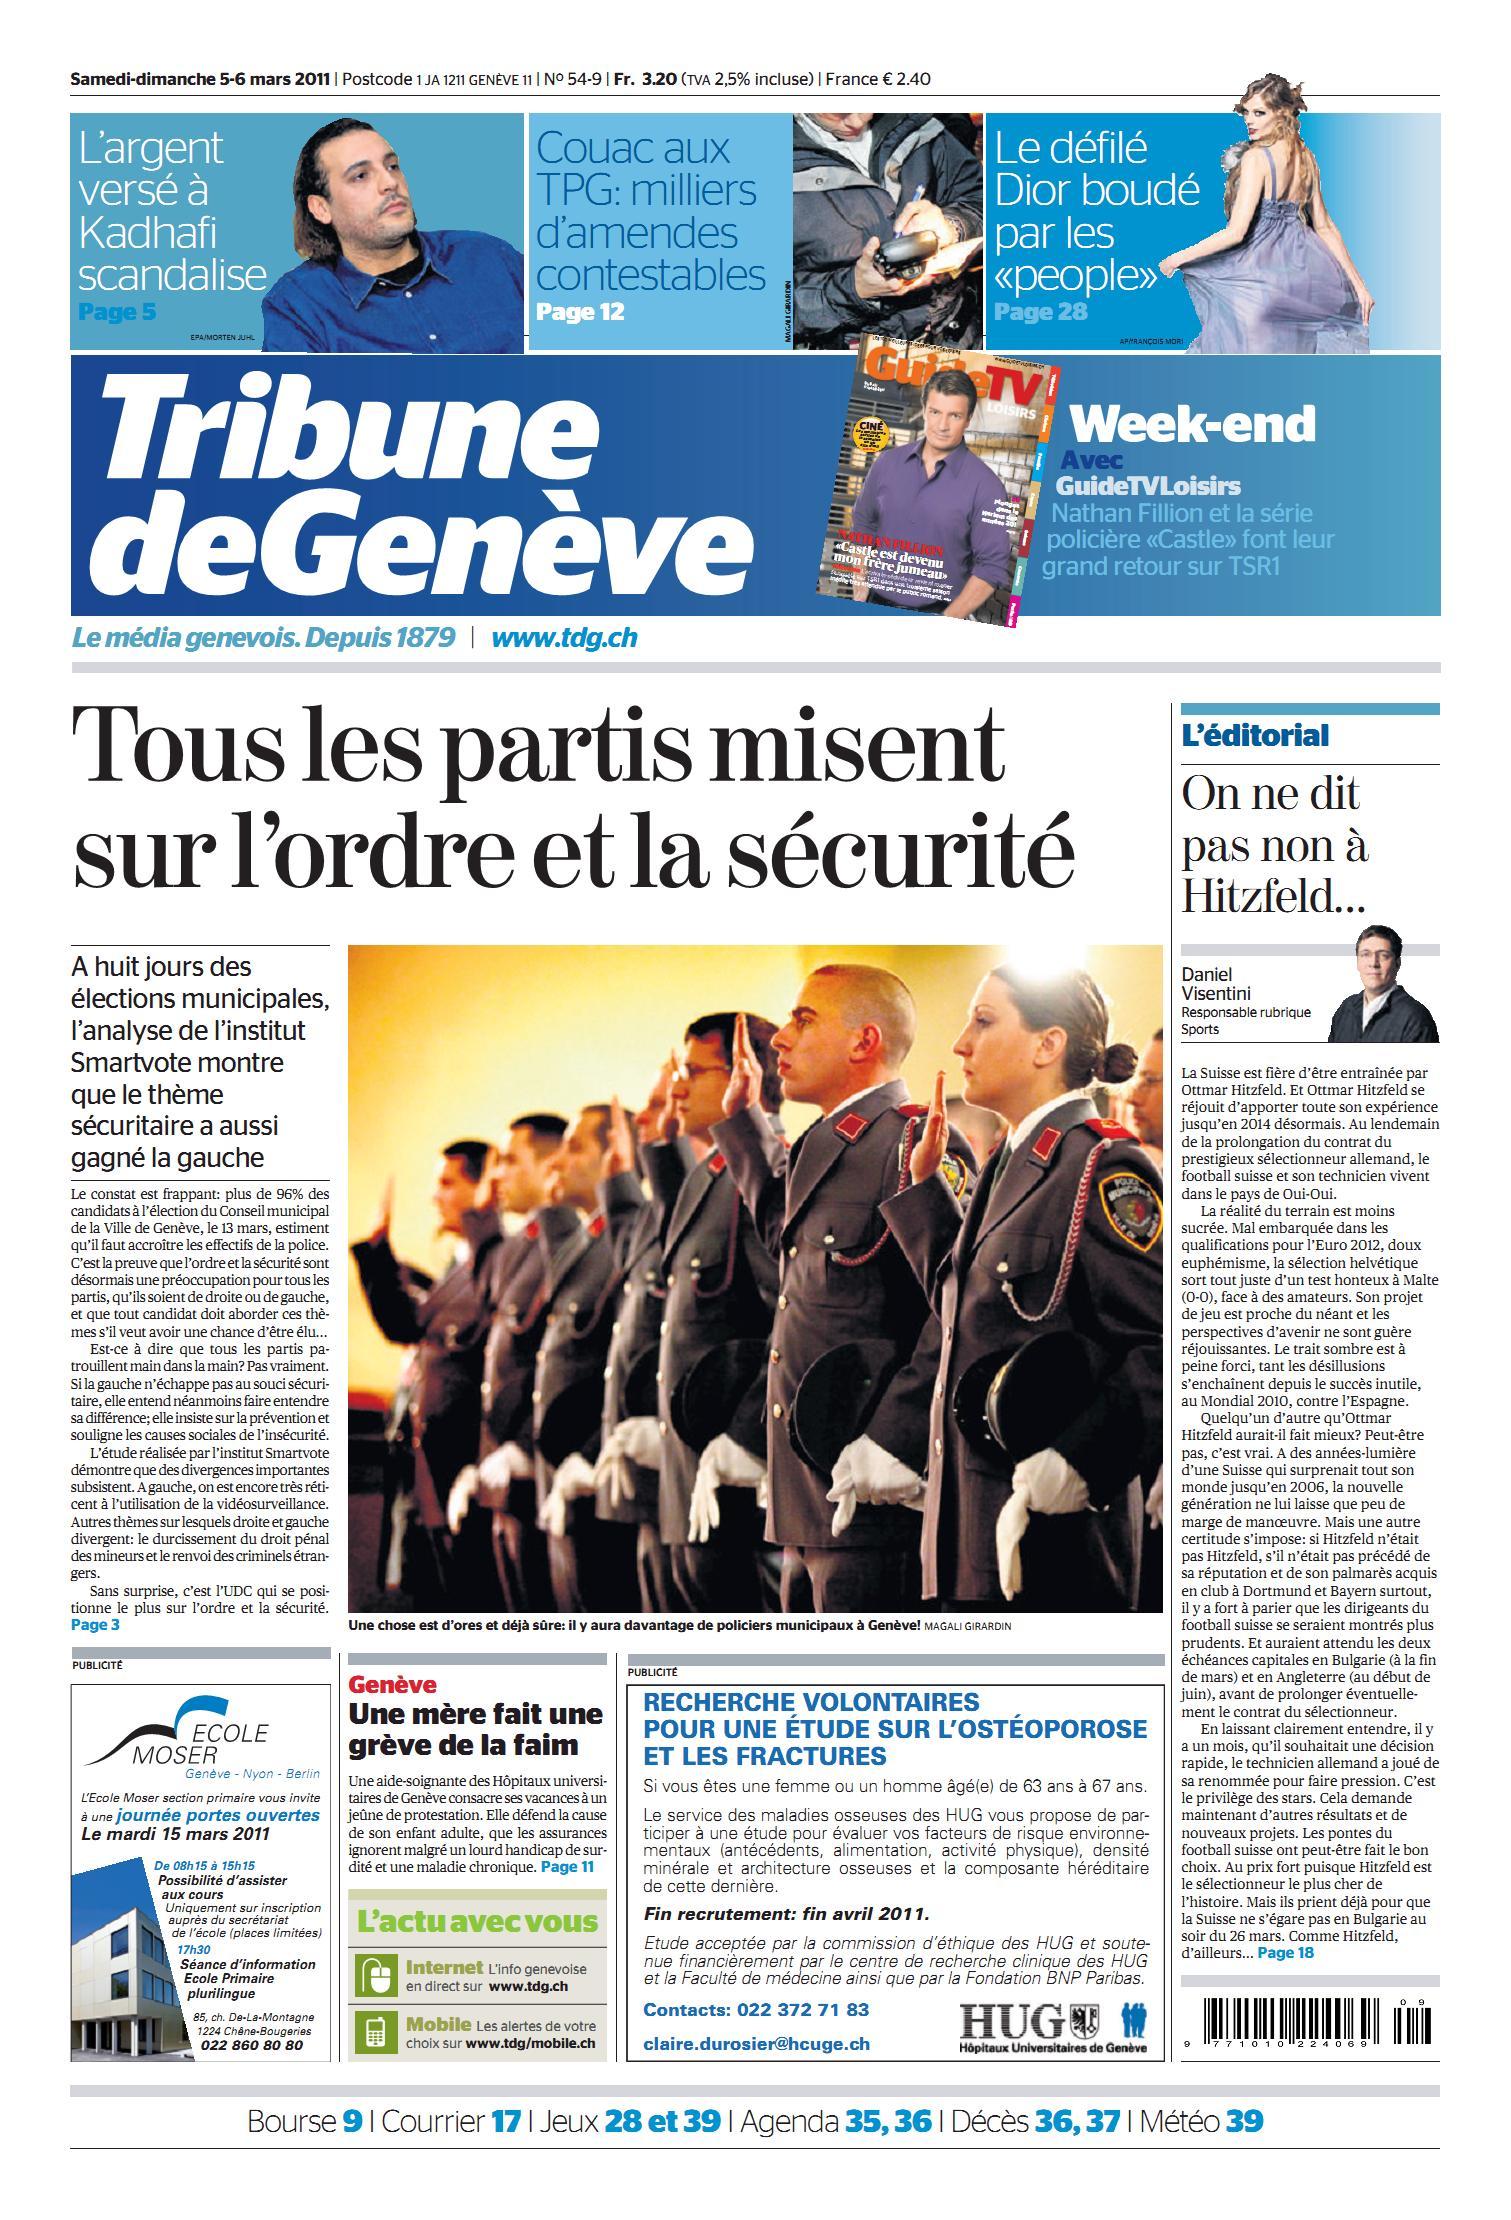 TRIBUNE DE GENEVE  03 04 05 06 Mars 2011